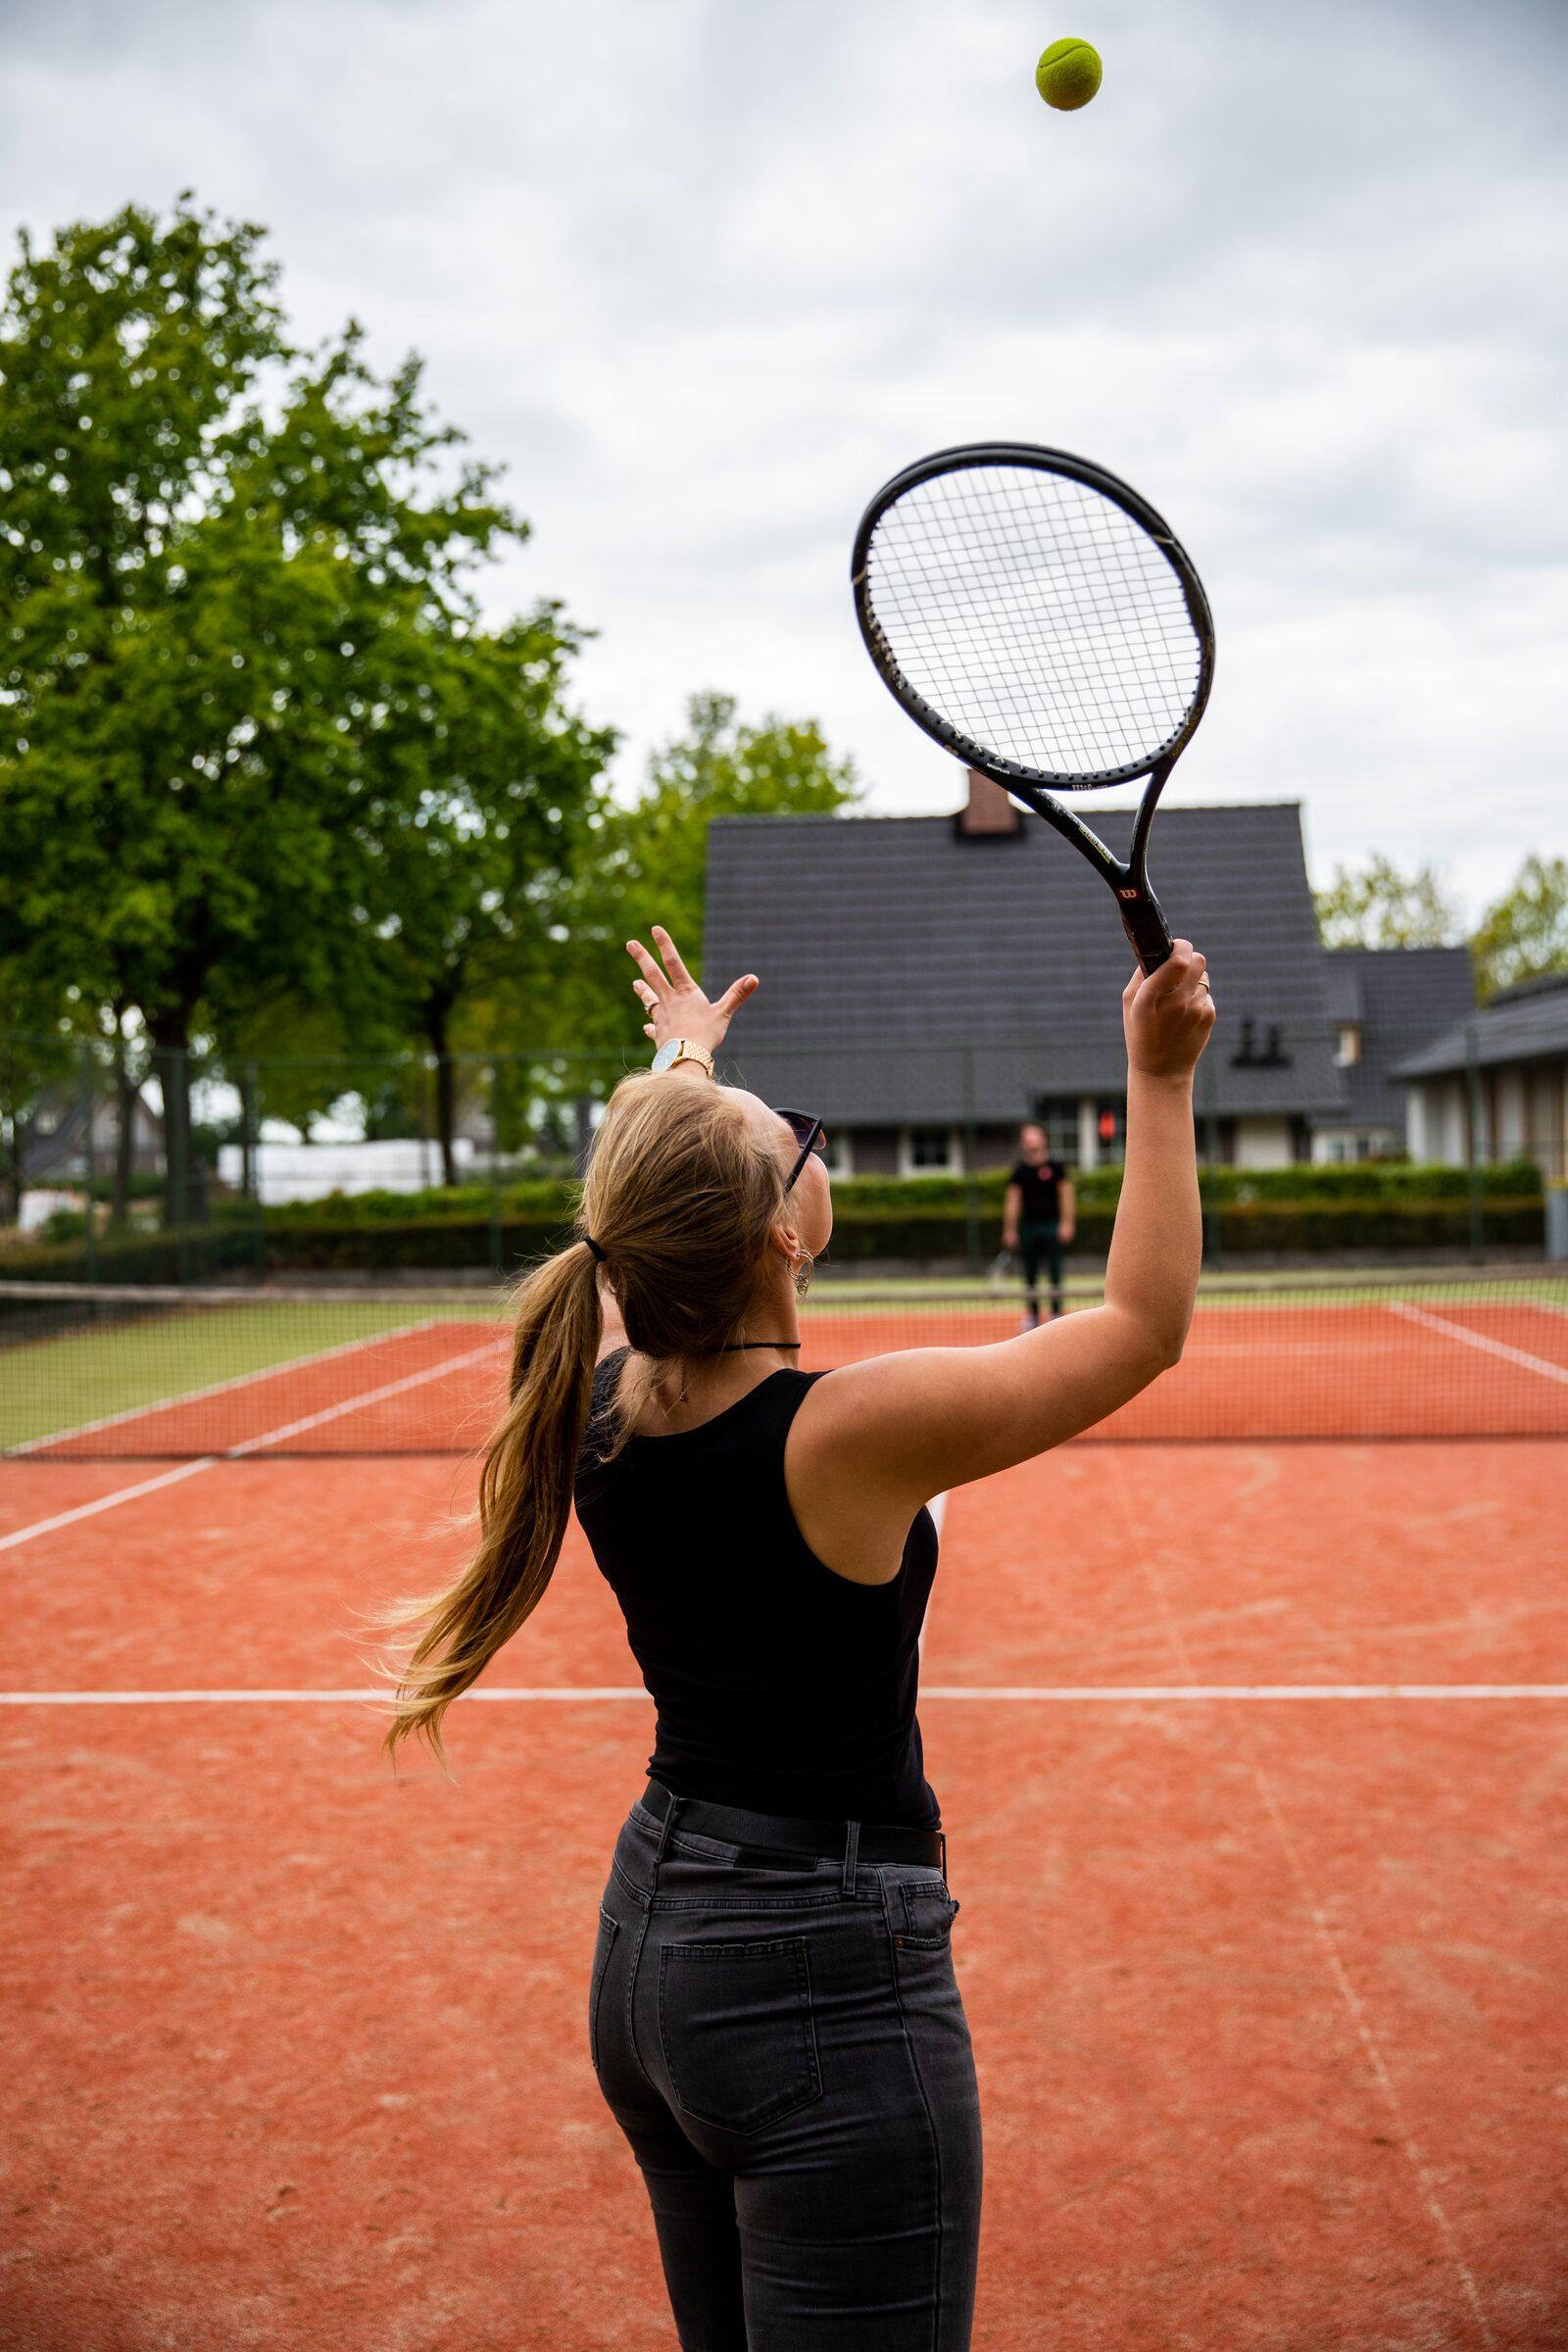 Tennis court 🎾